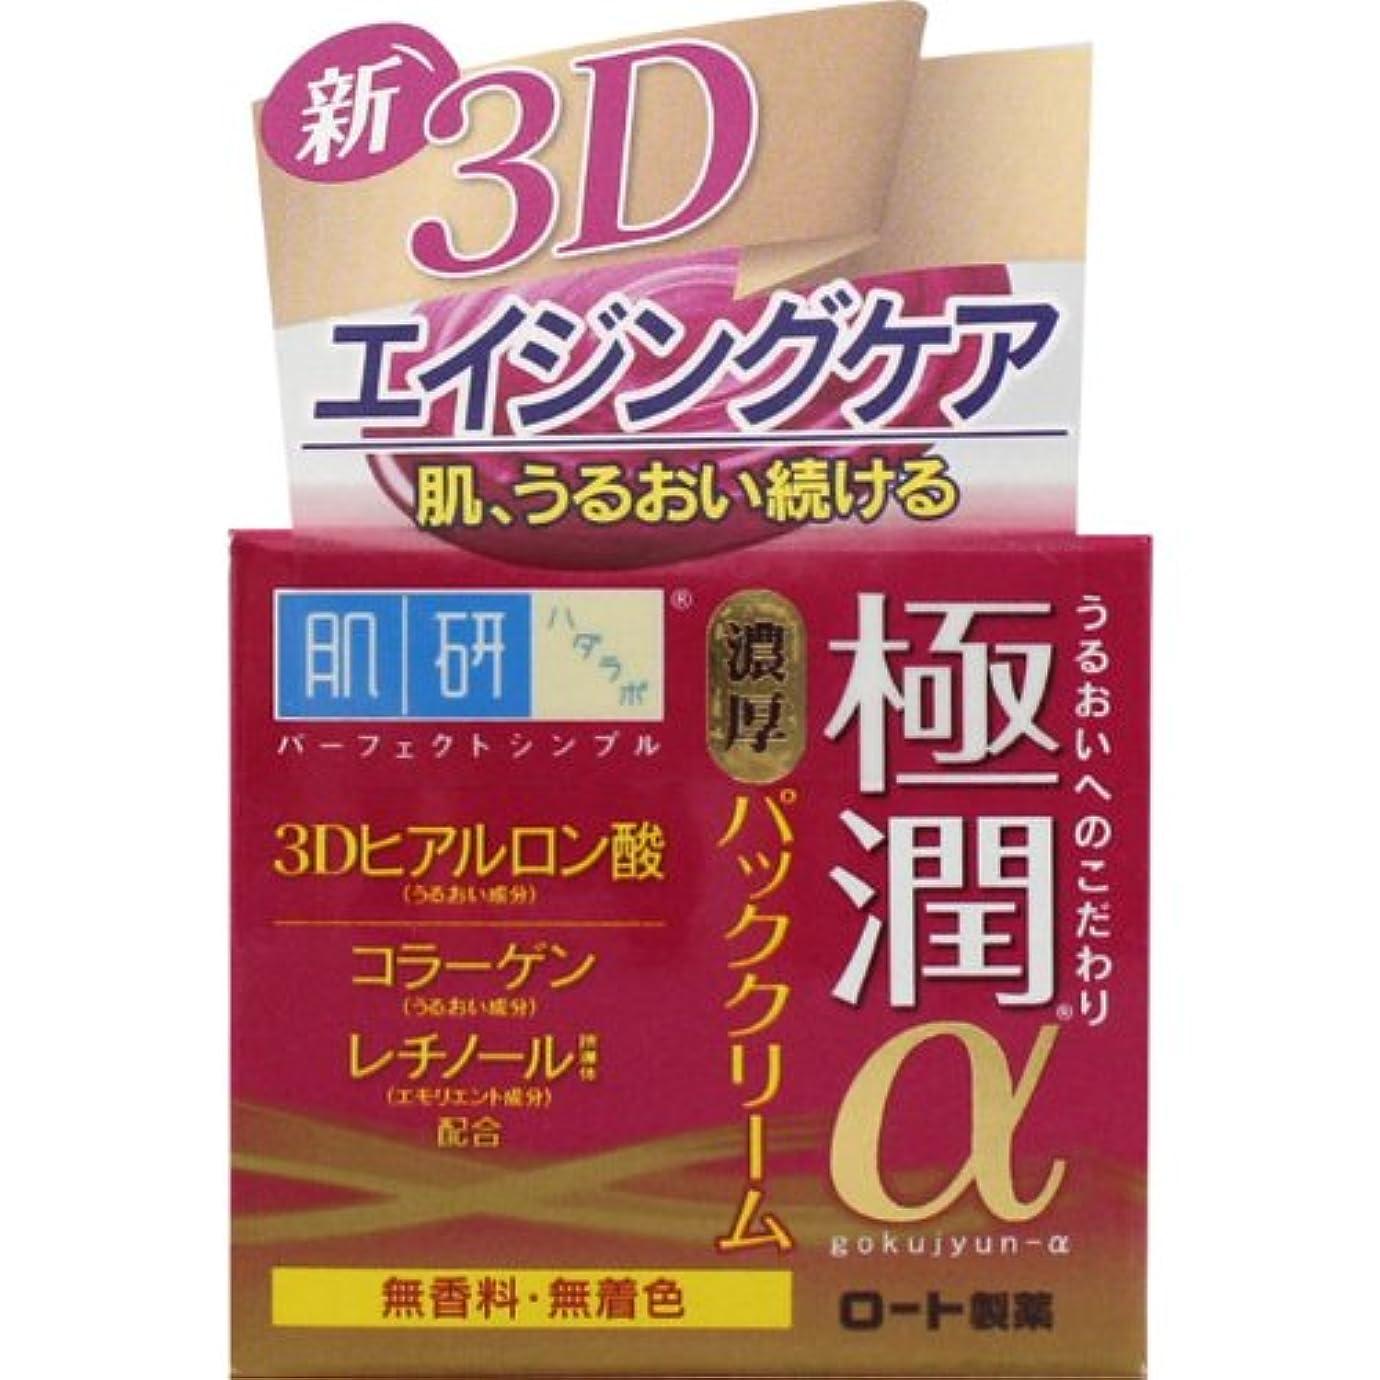 知性進化デッキ肌研(ハダラボ) 極潤 αパッククリーム 50g